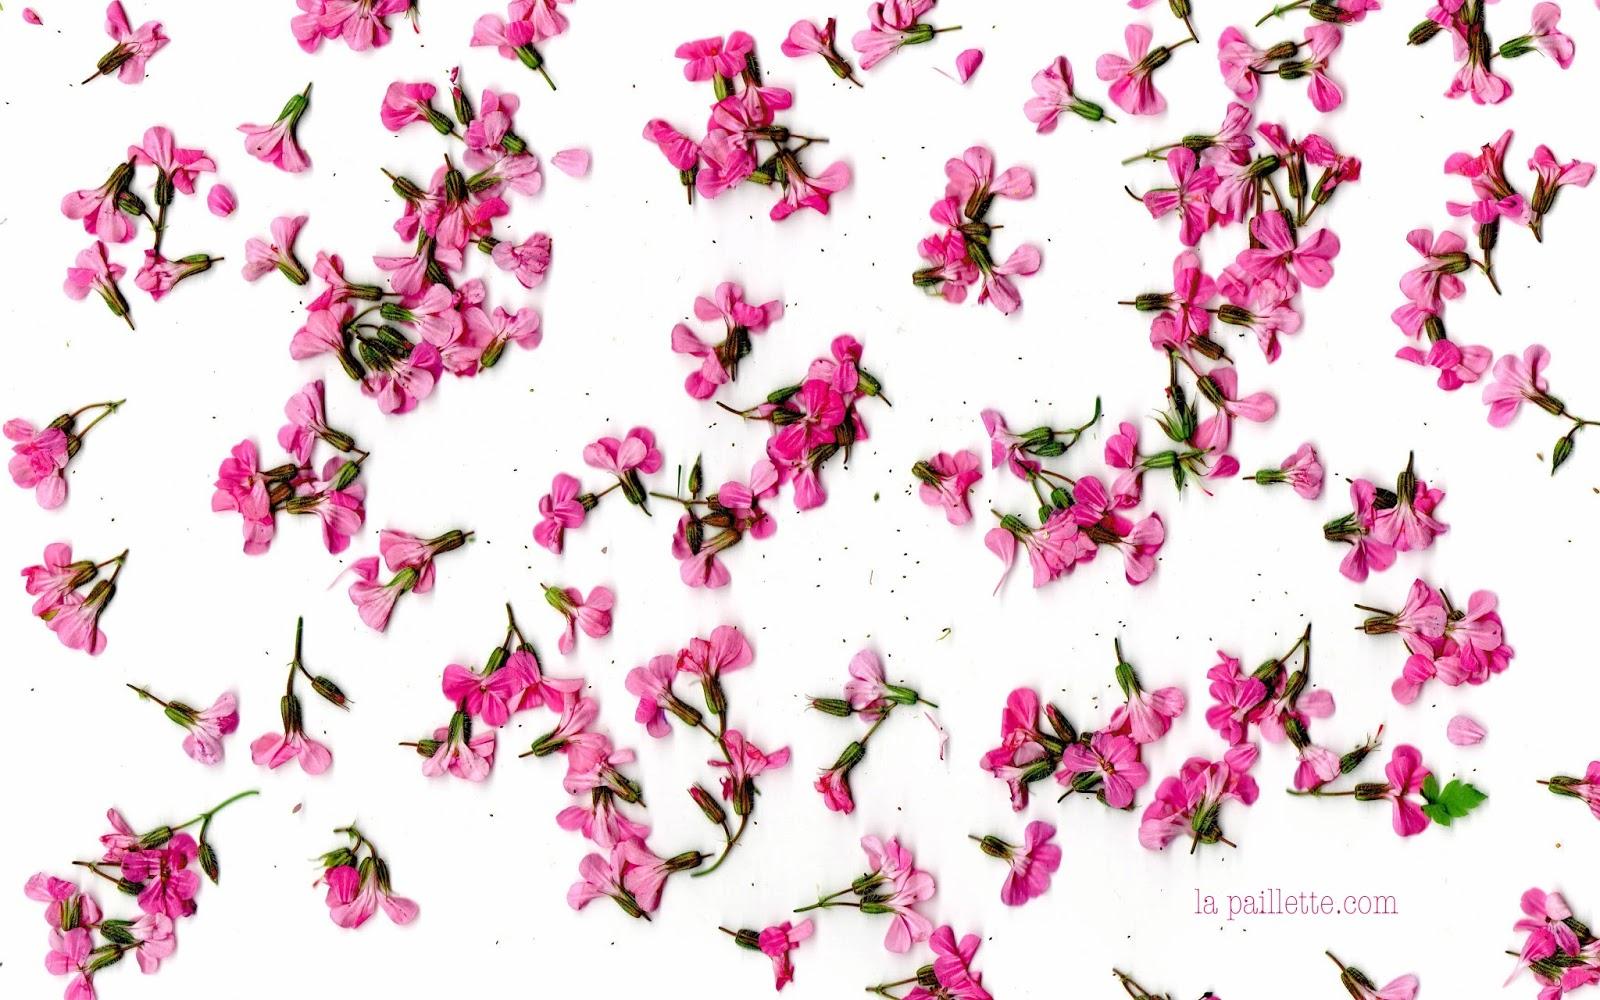 fonds d 39 cran jolies fleurs 1 claire la paillette blog rennes claire illustratrice et. Black Bedroom Furniture Sets. Home Design Ideas